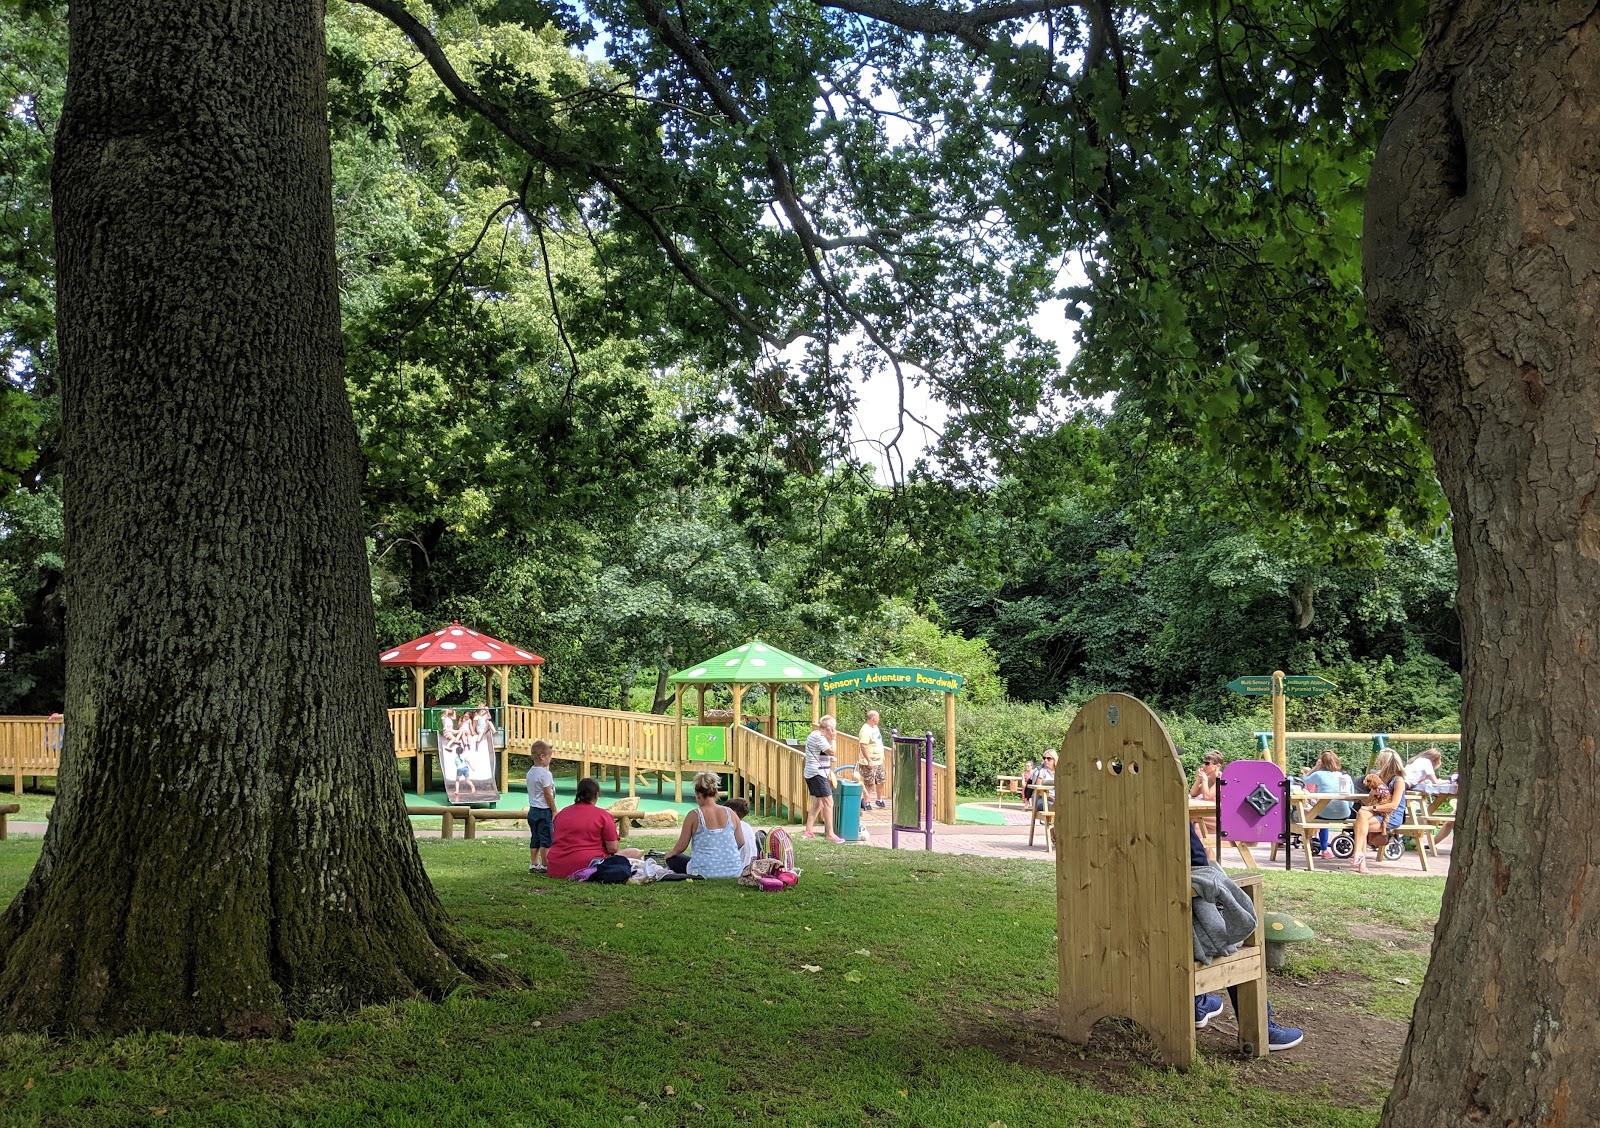 Harestanes Park, Jedburgh  - picnic spots